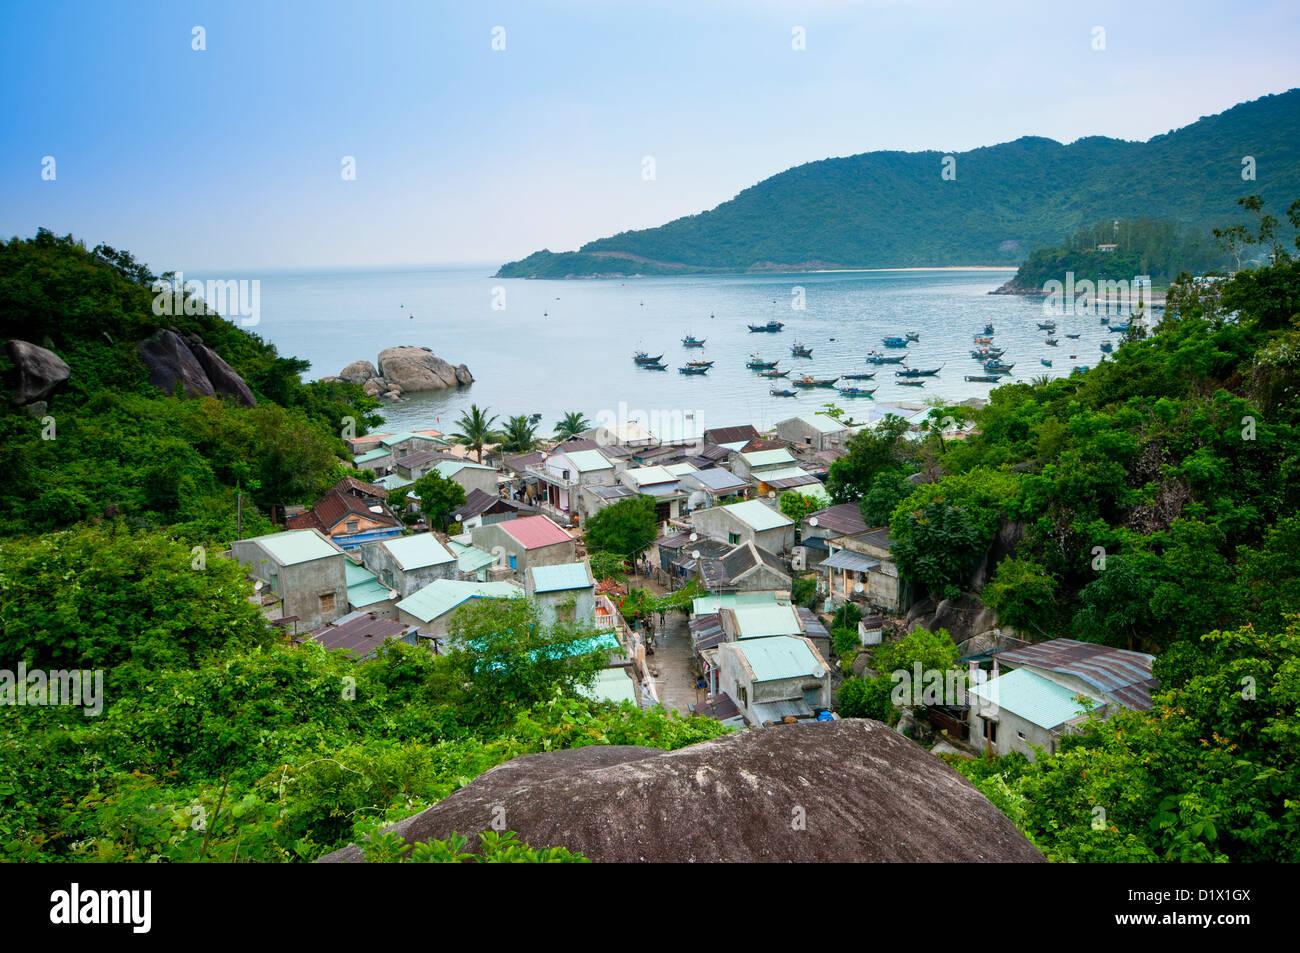 Avis de Bai Lang Village de pêcheurs, député, Lao Cham, îles du Vietnam. Asie Photo Stock